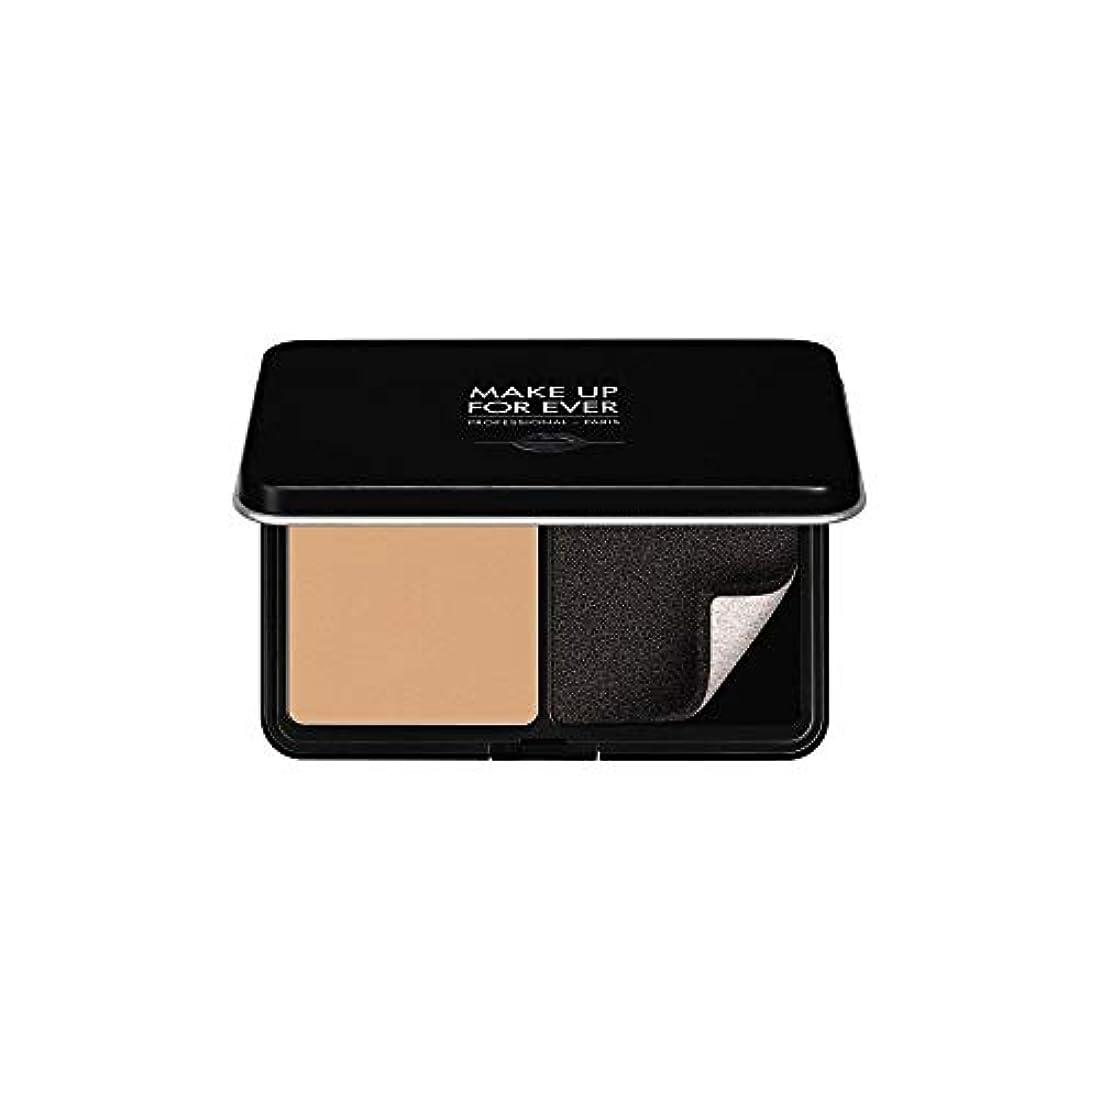 予感メーカー現像メイクアップフォーエバー Matte Velvet Skin Blurring Powder Foundation - # Y305 (Soft Beige) 11g/0.38oz並行輸入品